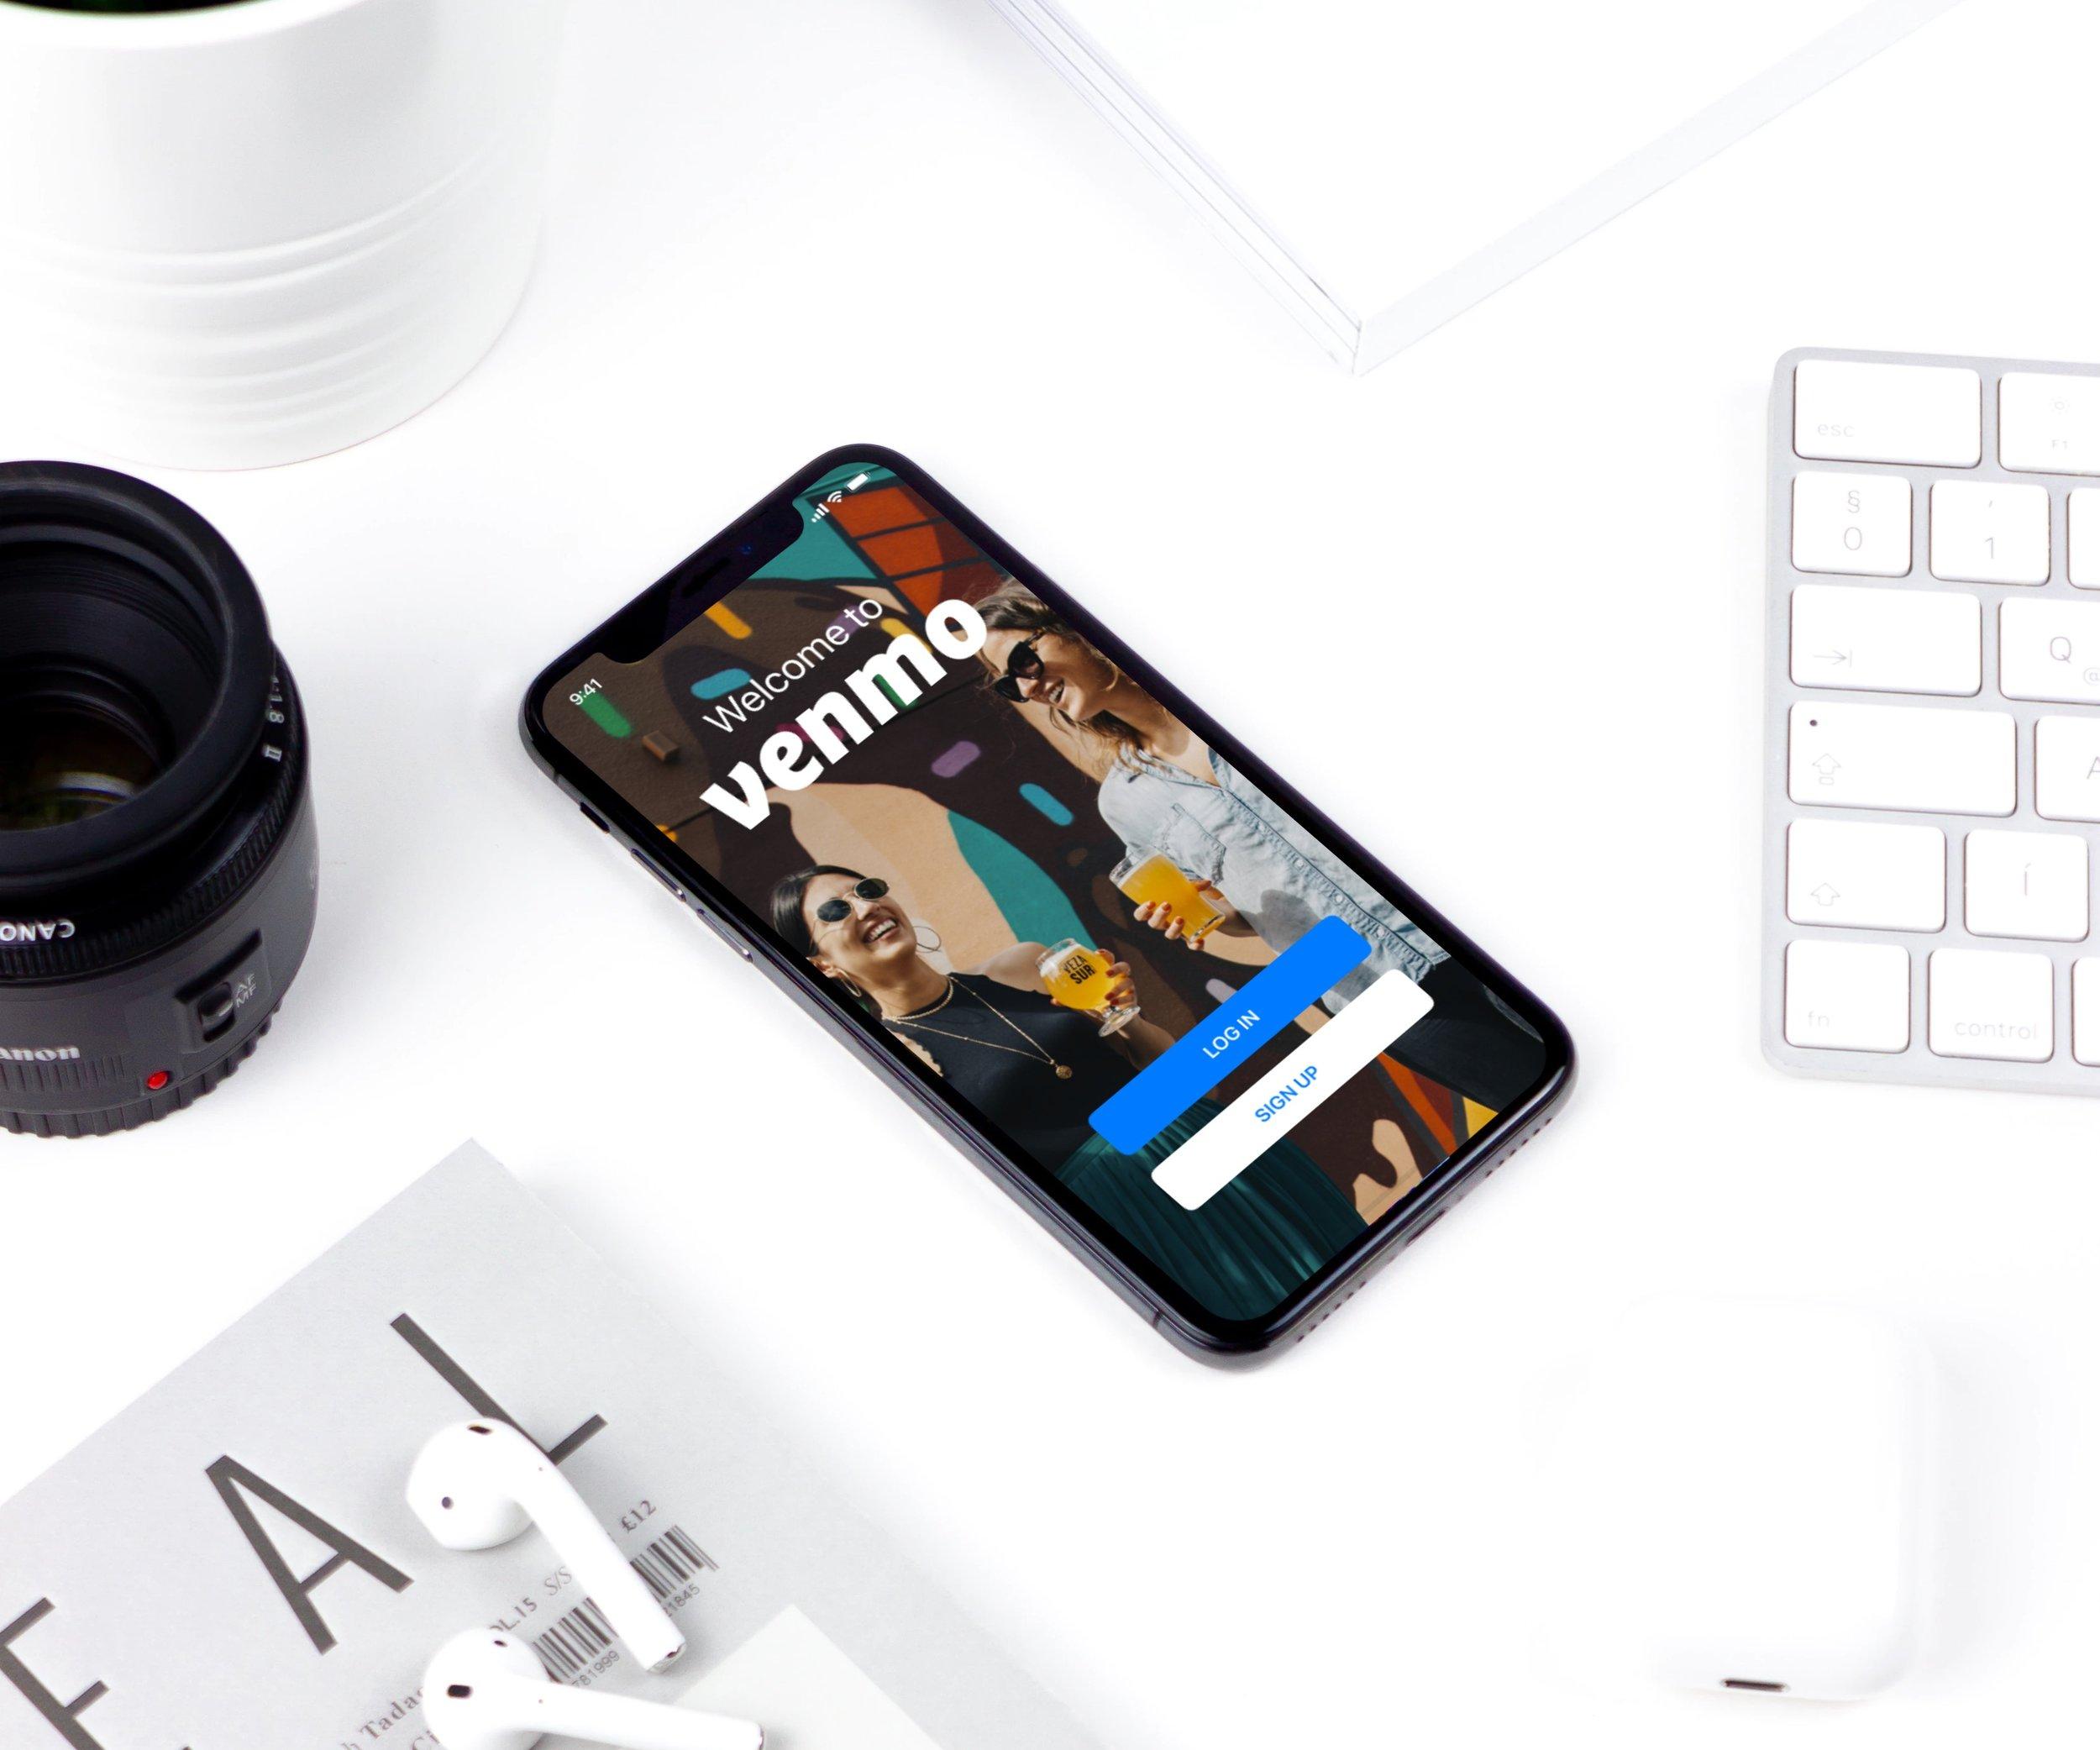 Venmo Redesign - A UX Case Study